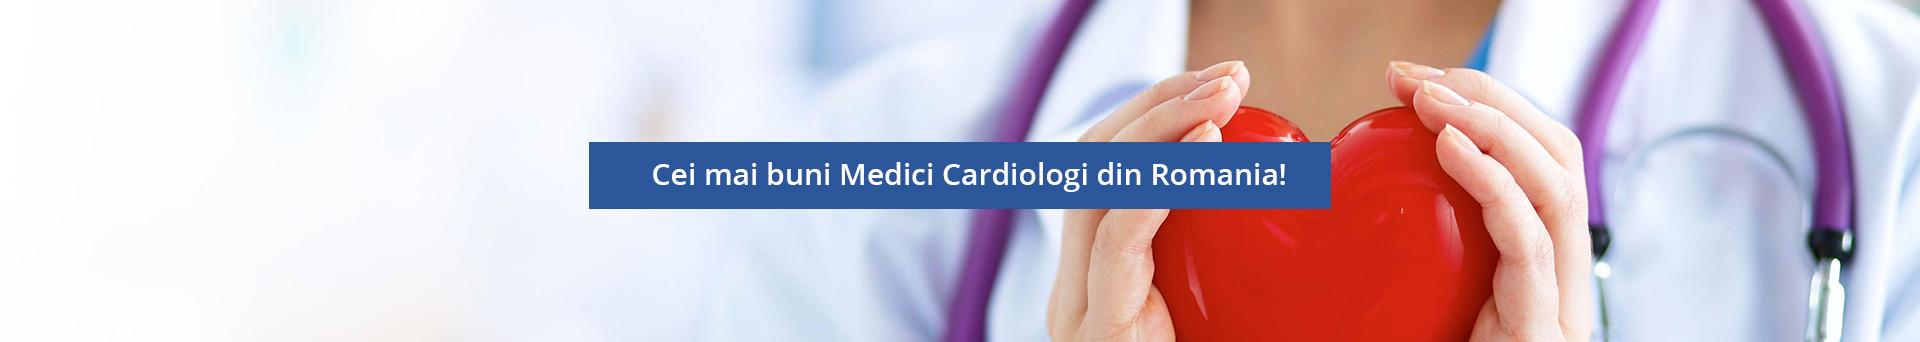 Cei mai buni Medici Cardiologi din Romania!